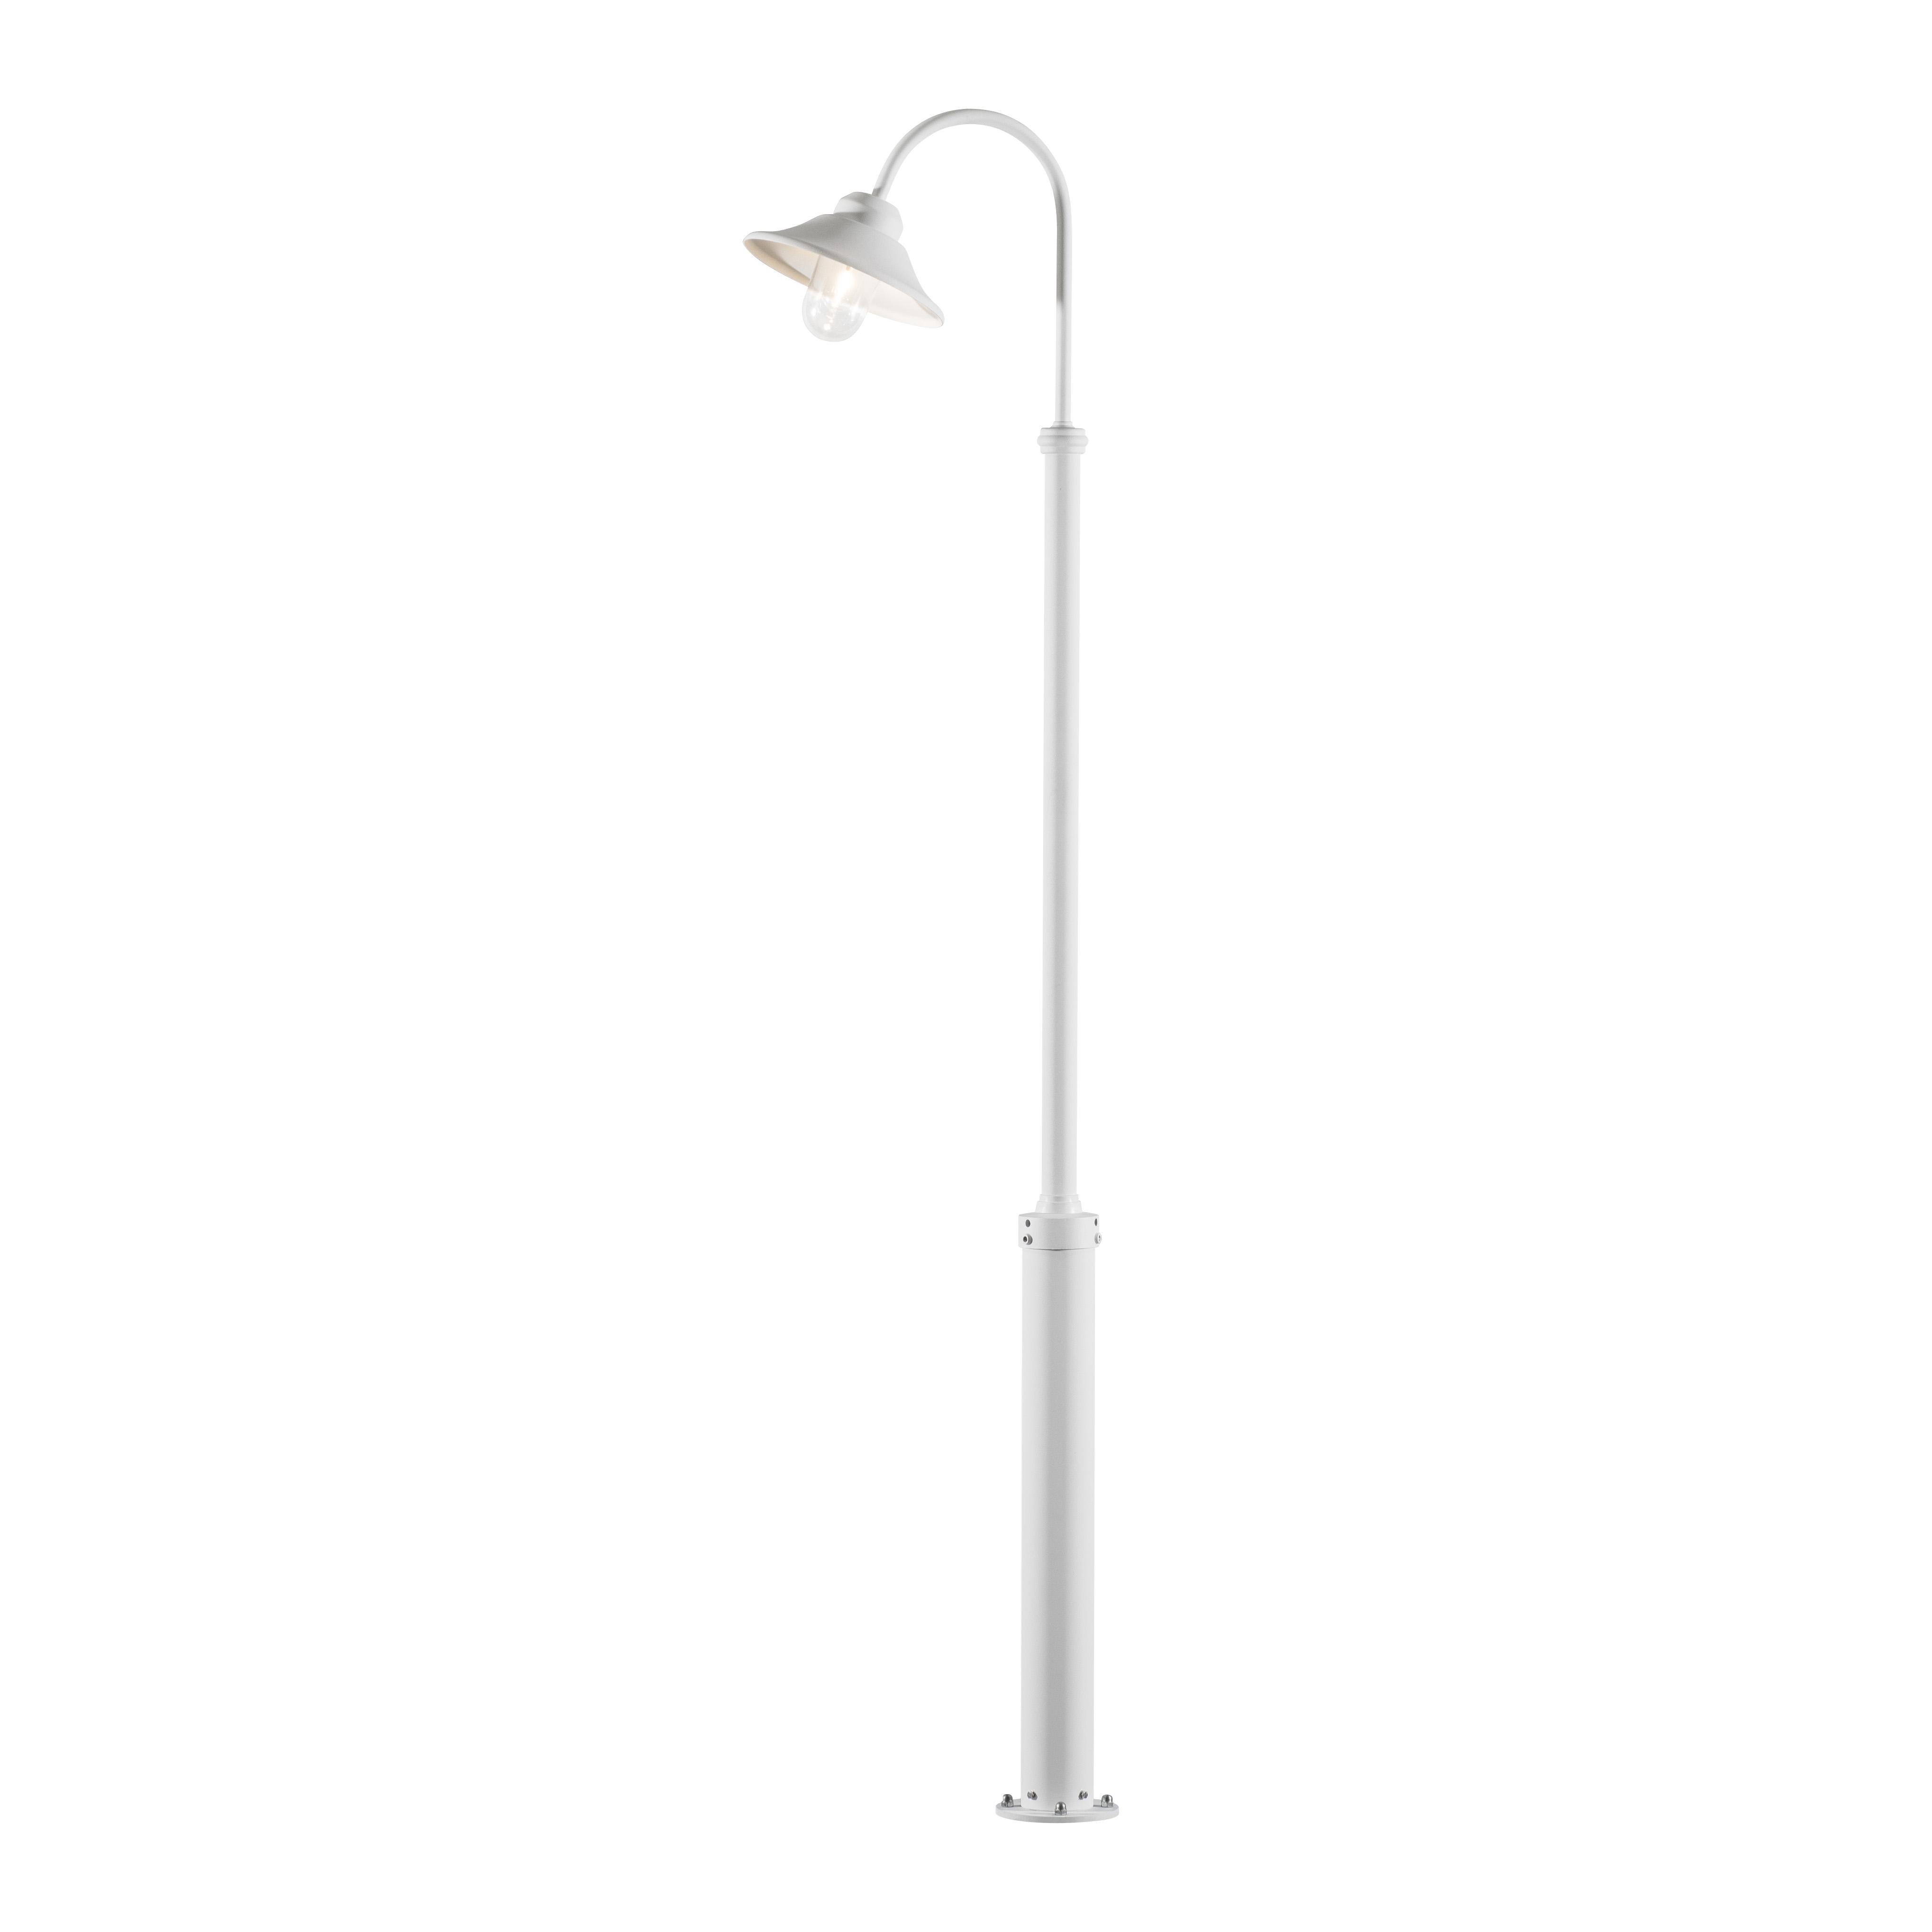 Staande buitenlamp Spaarlamp, LED E27 60 W Konstsmide Vega 560-250 Wit